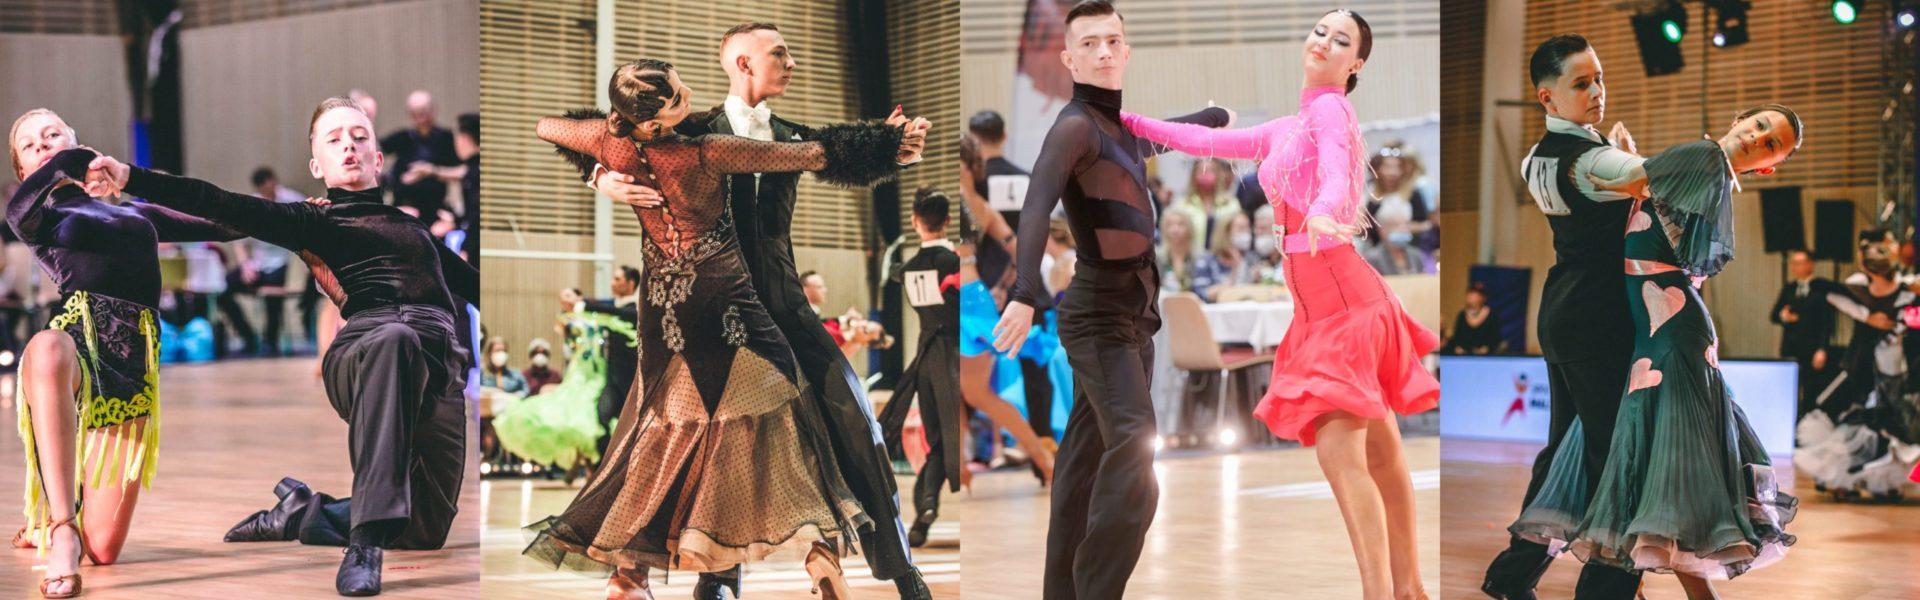 Klub sportovního tance SWING Kroměříž